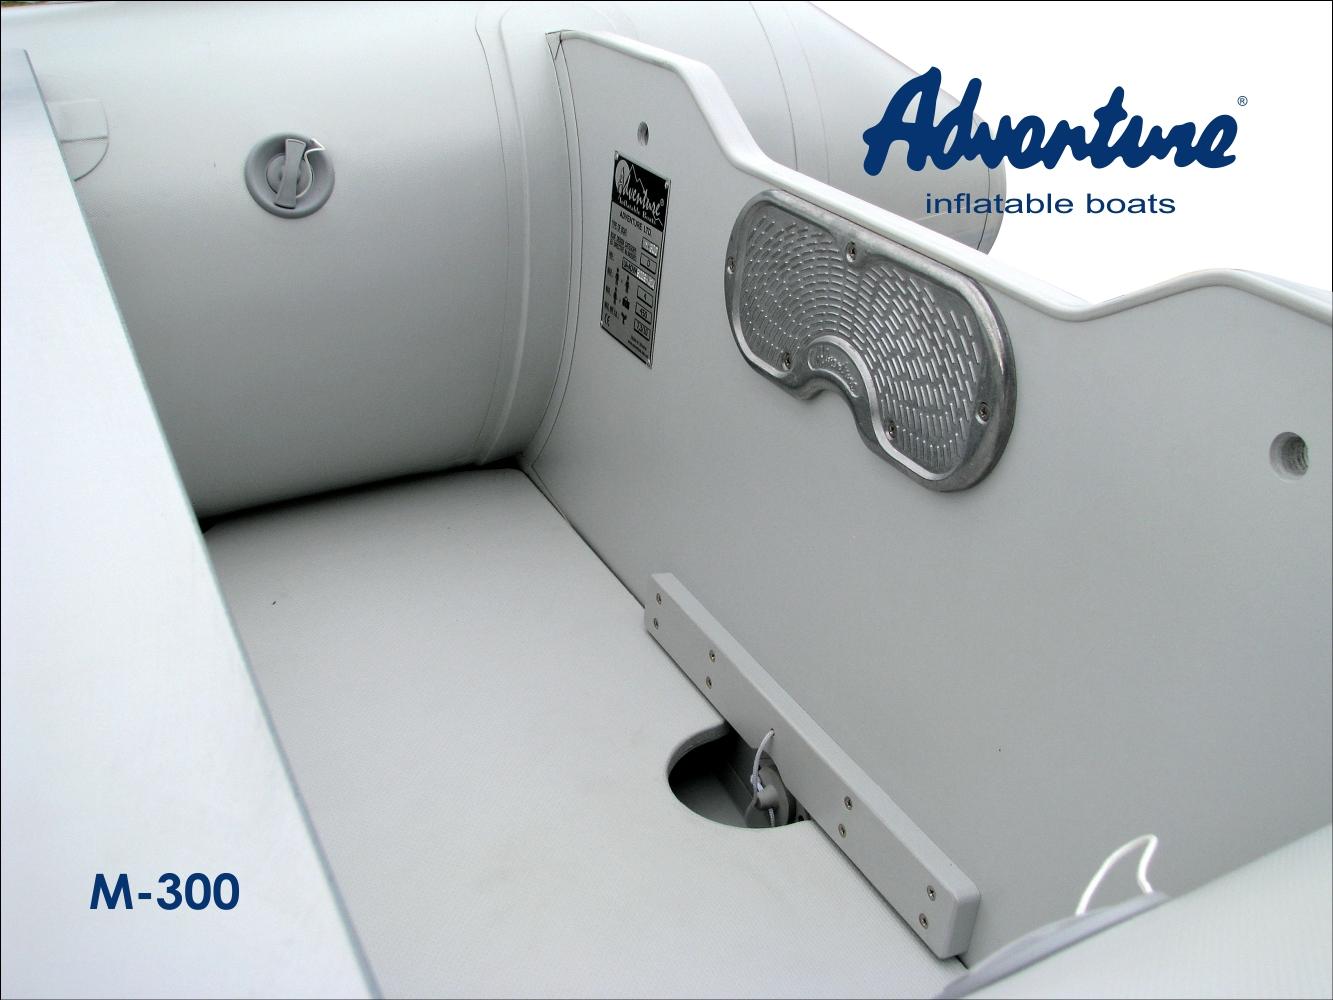 Nafukovací motorový člun Adventure M-300 nabízí v rámci své třídy ten nejvyšší standard kvality